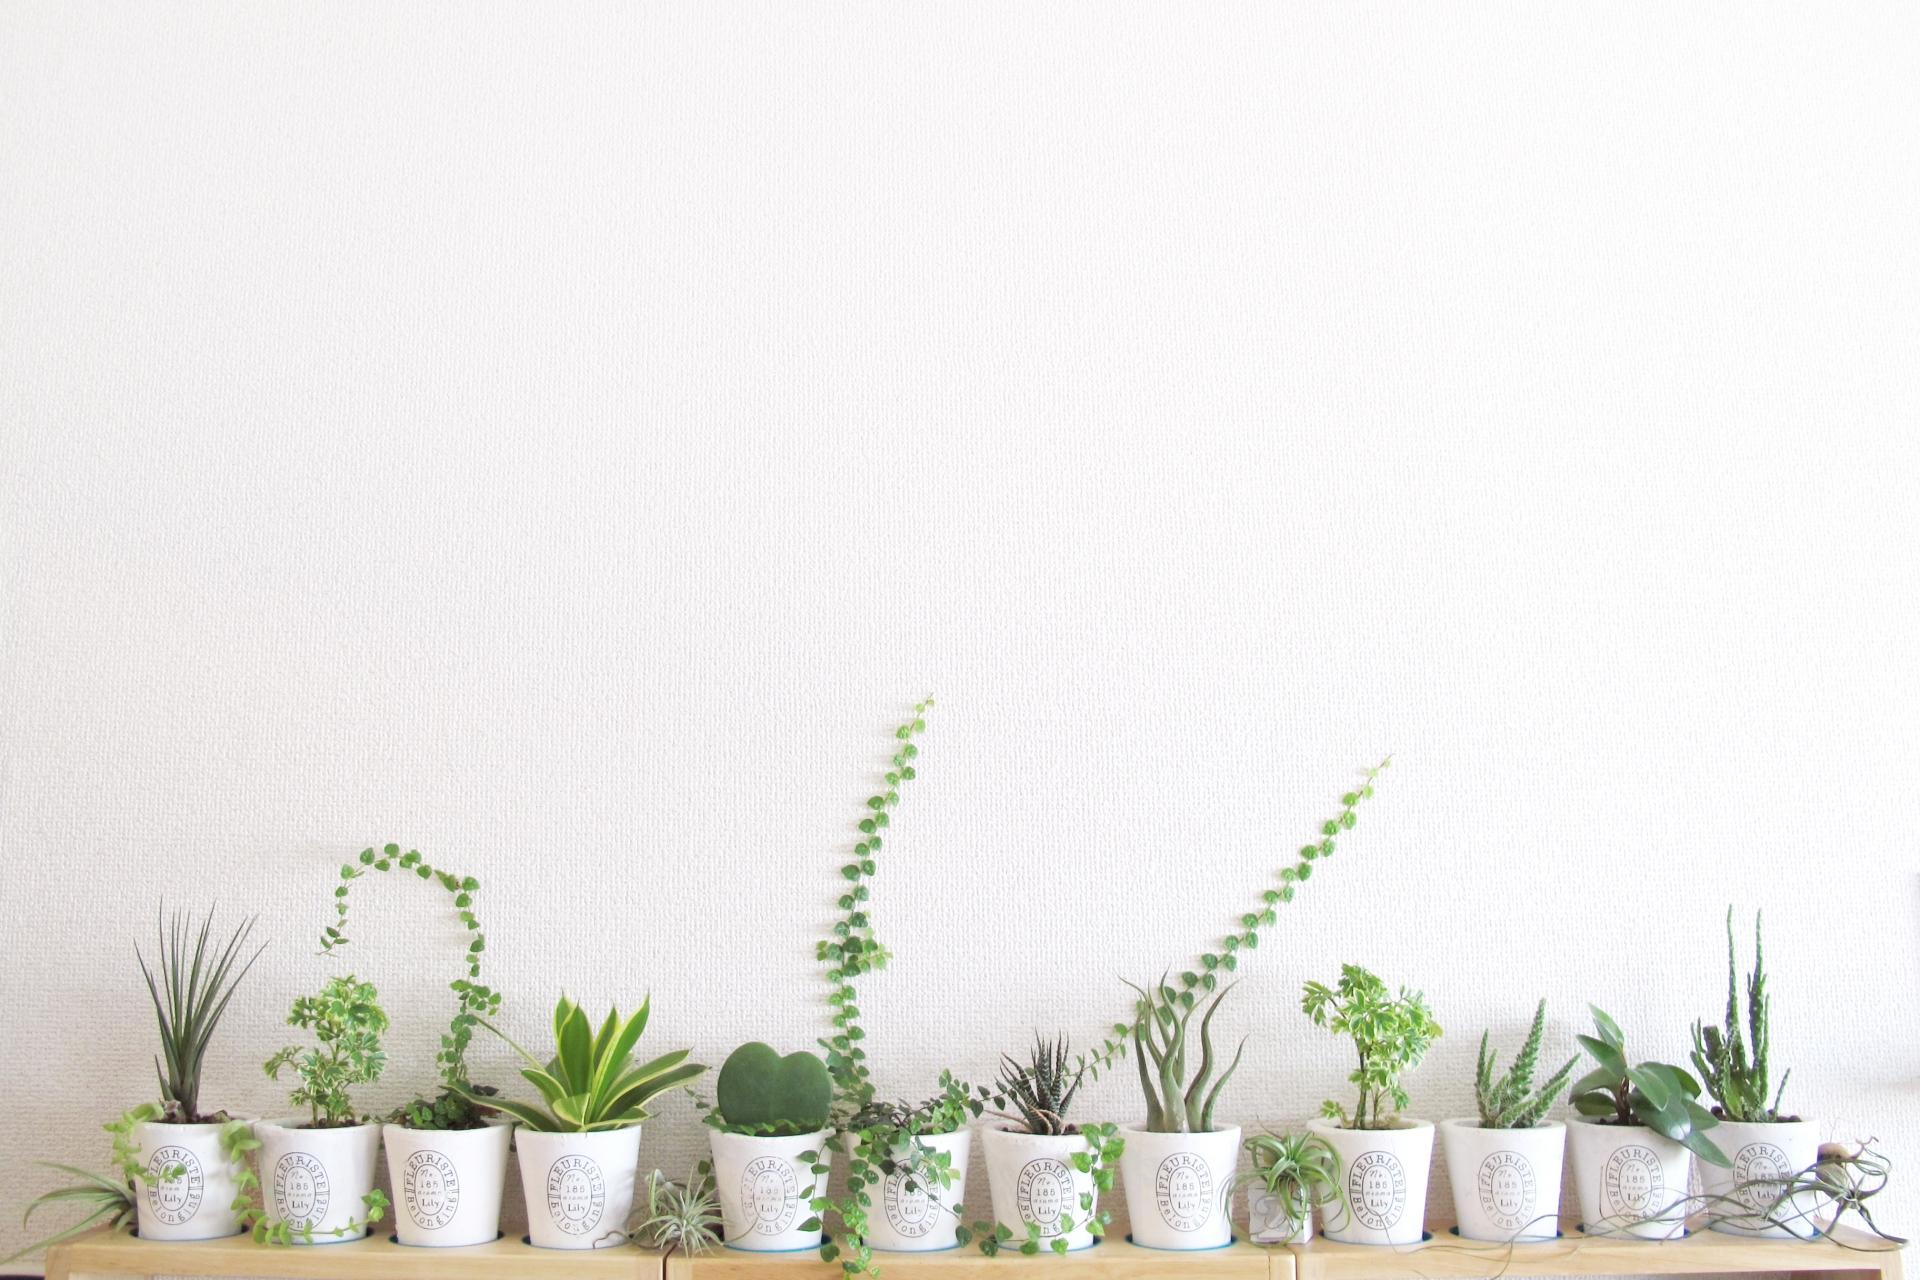 小さな観葉植物を並べてオシャレに